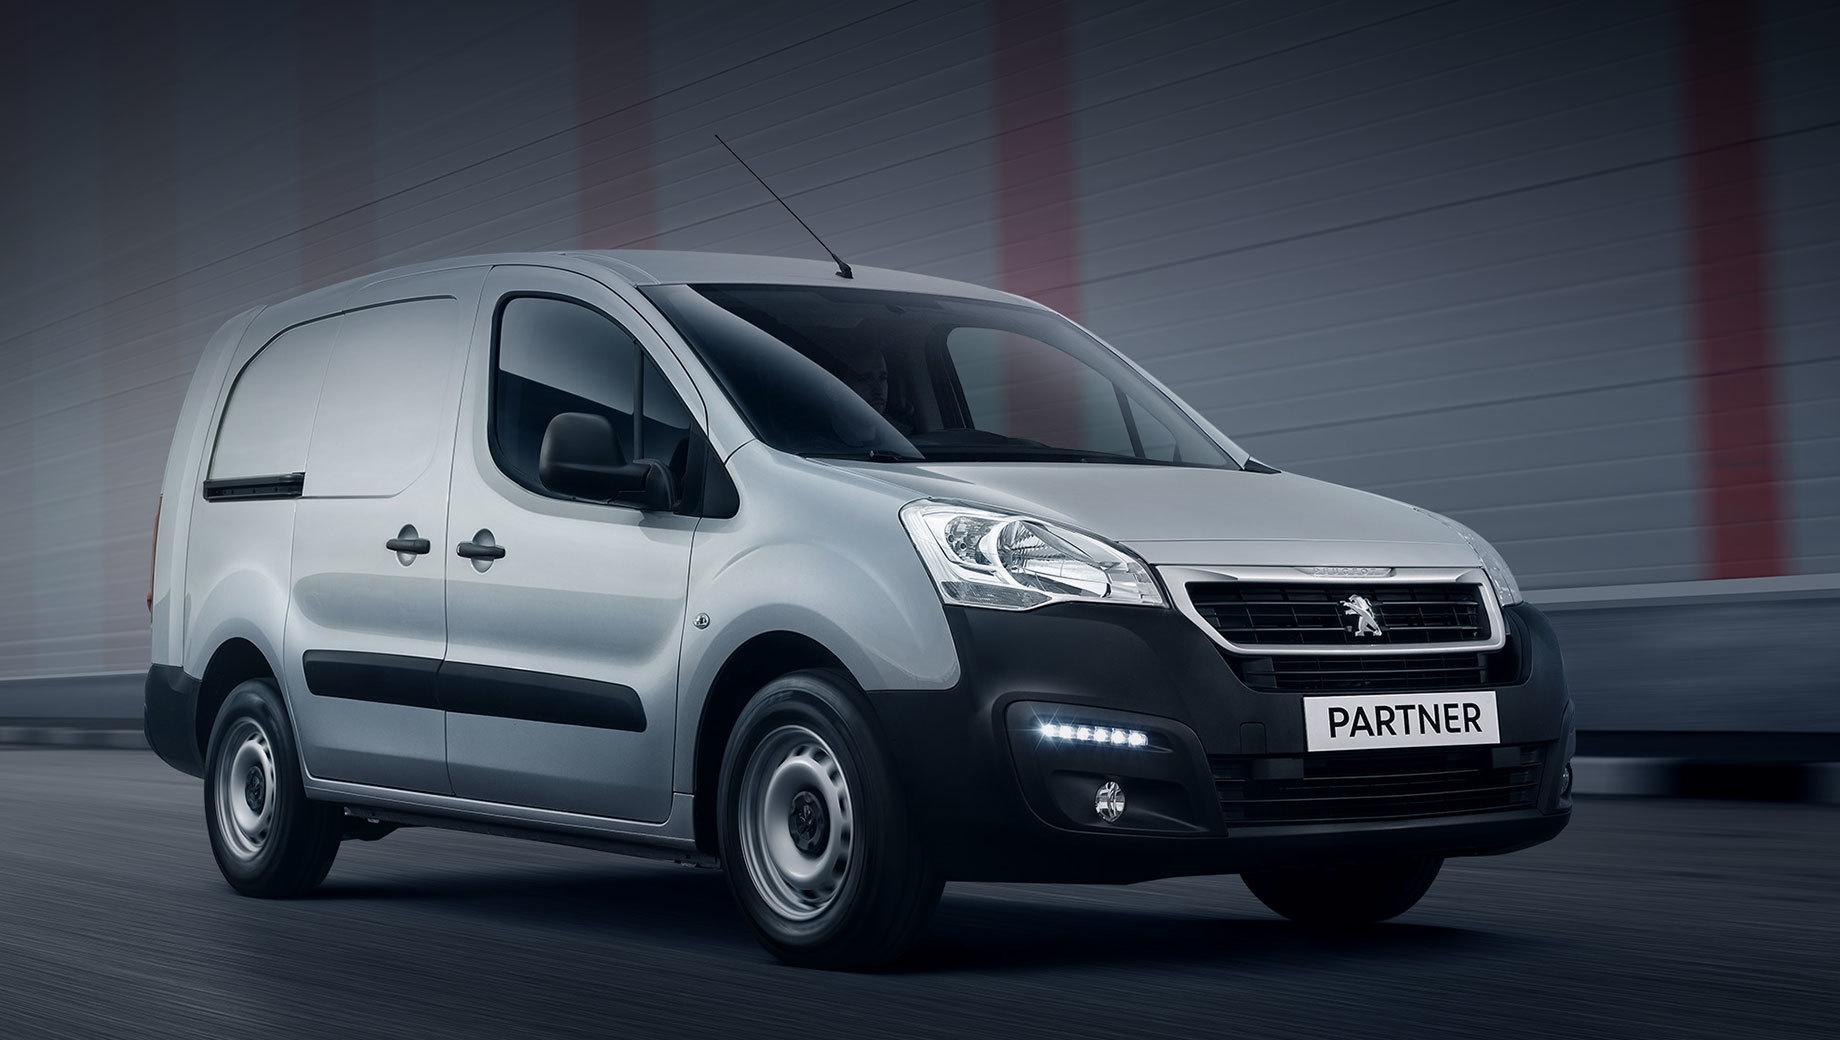 Peugeot partner. Хотя российский офис Peugeot называет калужский Partner новым, это модель предыдущего (второго) поколения. Она вышла на большинство рынков (в том числе на наш) вместе с близнецом Citroen Berlingo в 2008 году и обновилась пять лет назад.